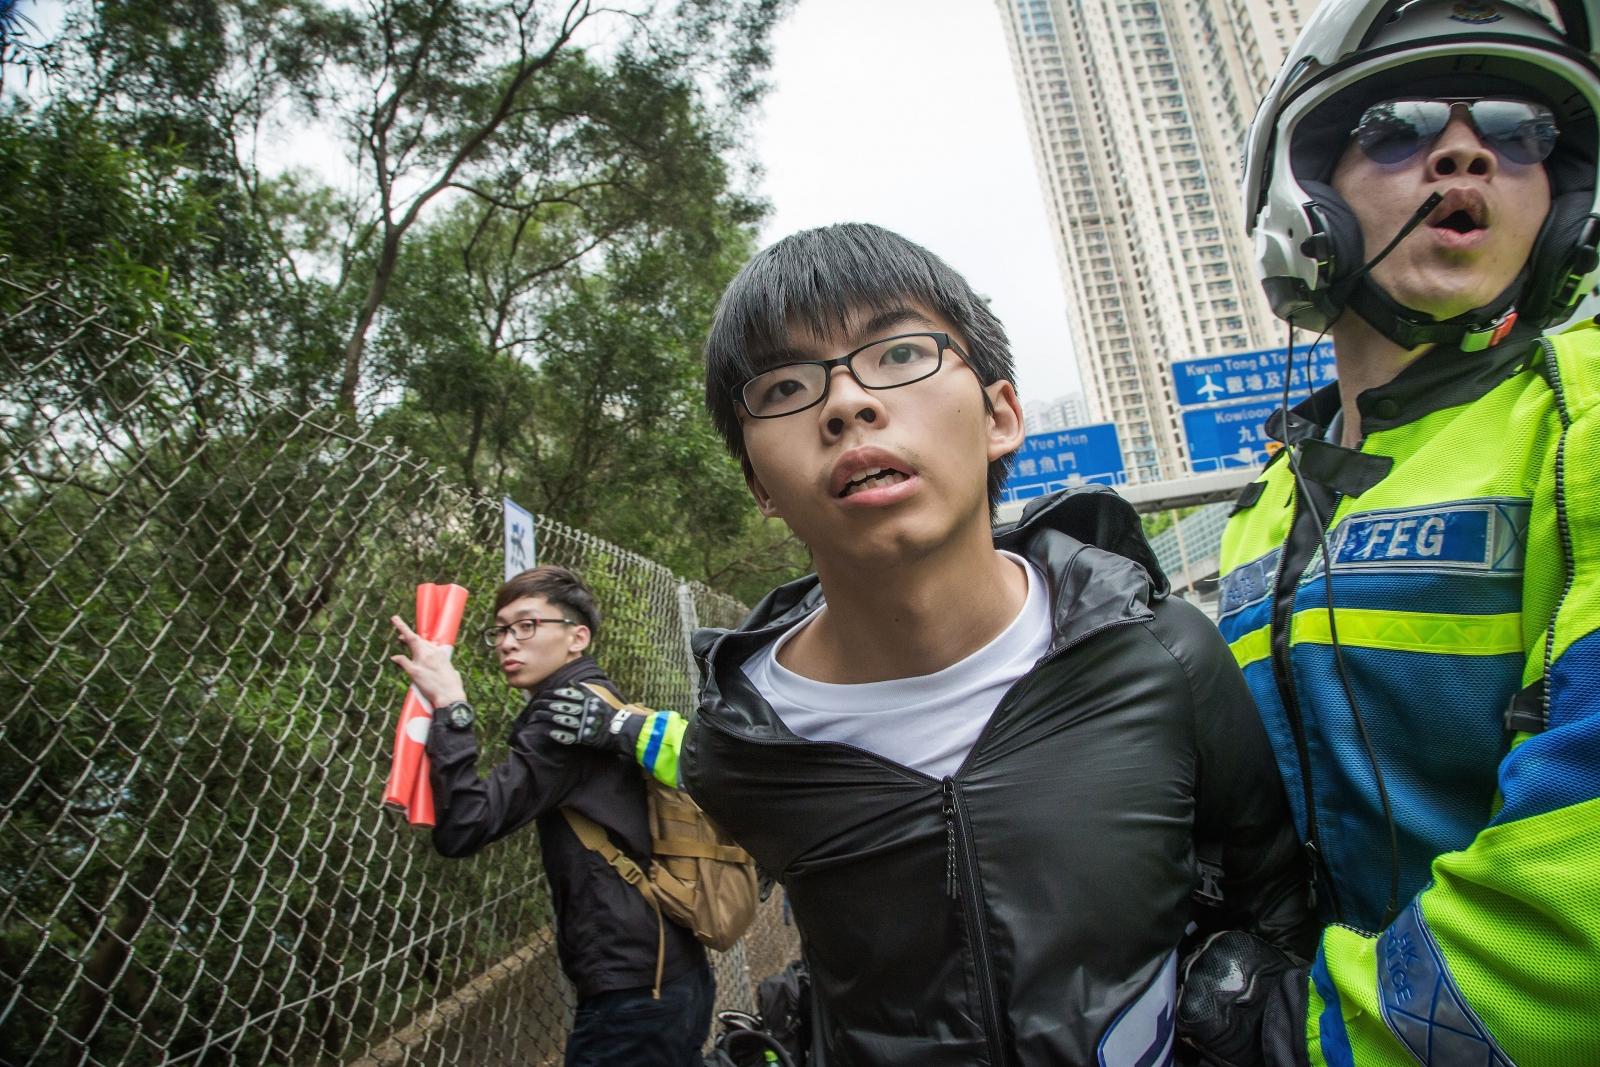 Hong Kong student leader Joshua Wong